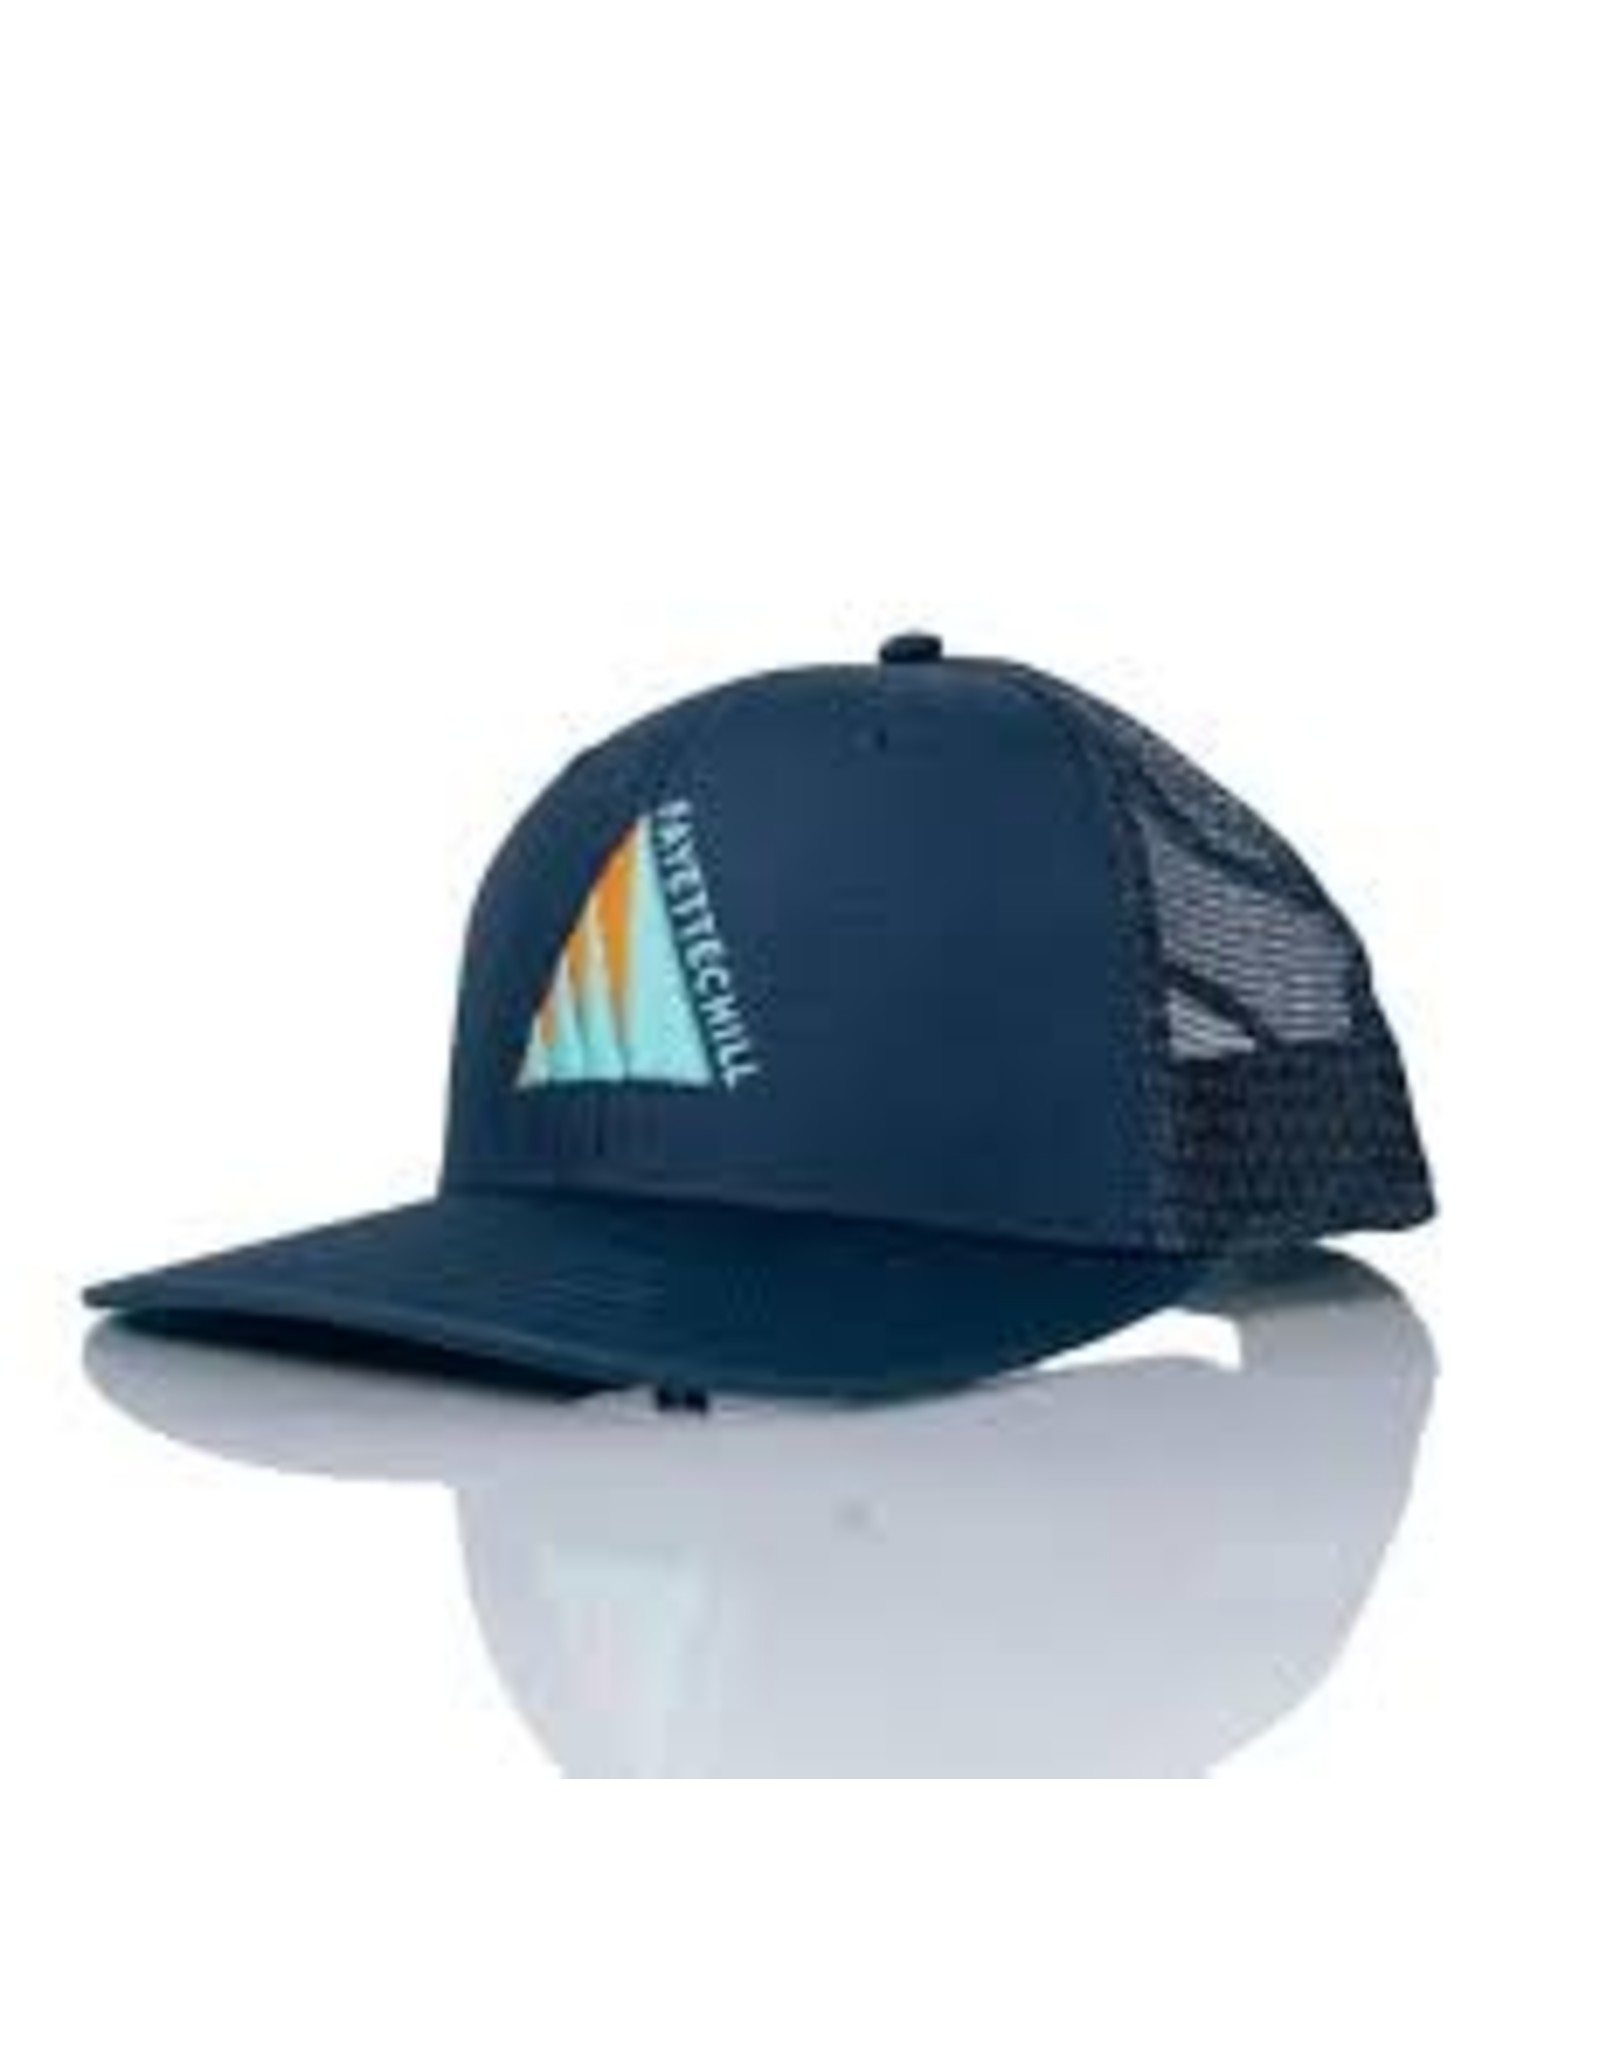 Fayettechill Fayettechill Migrate Hat